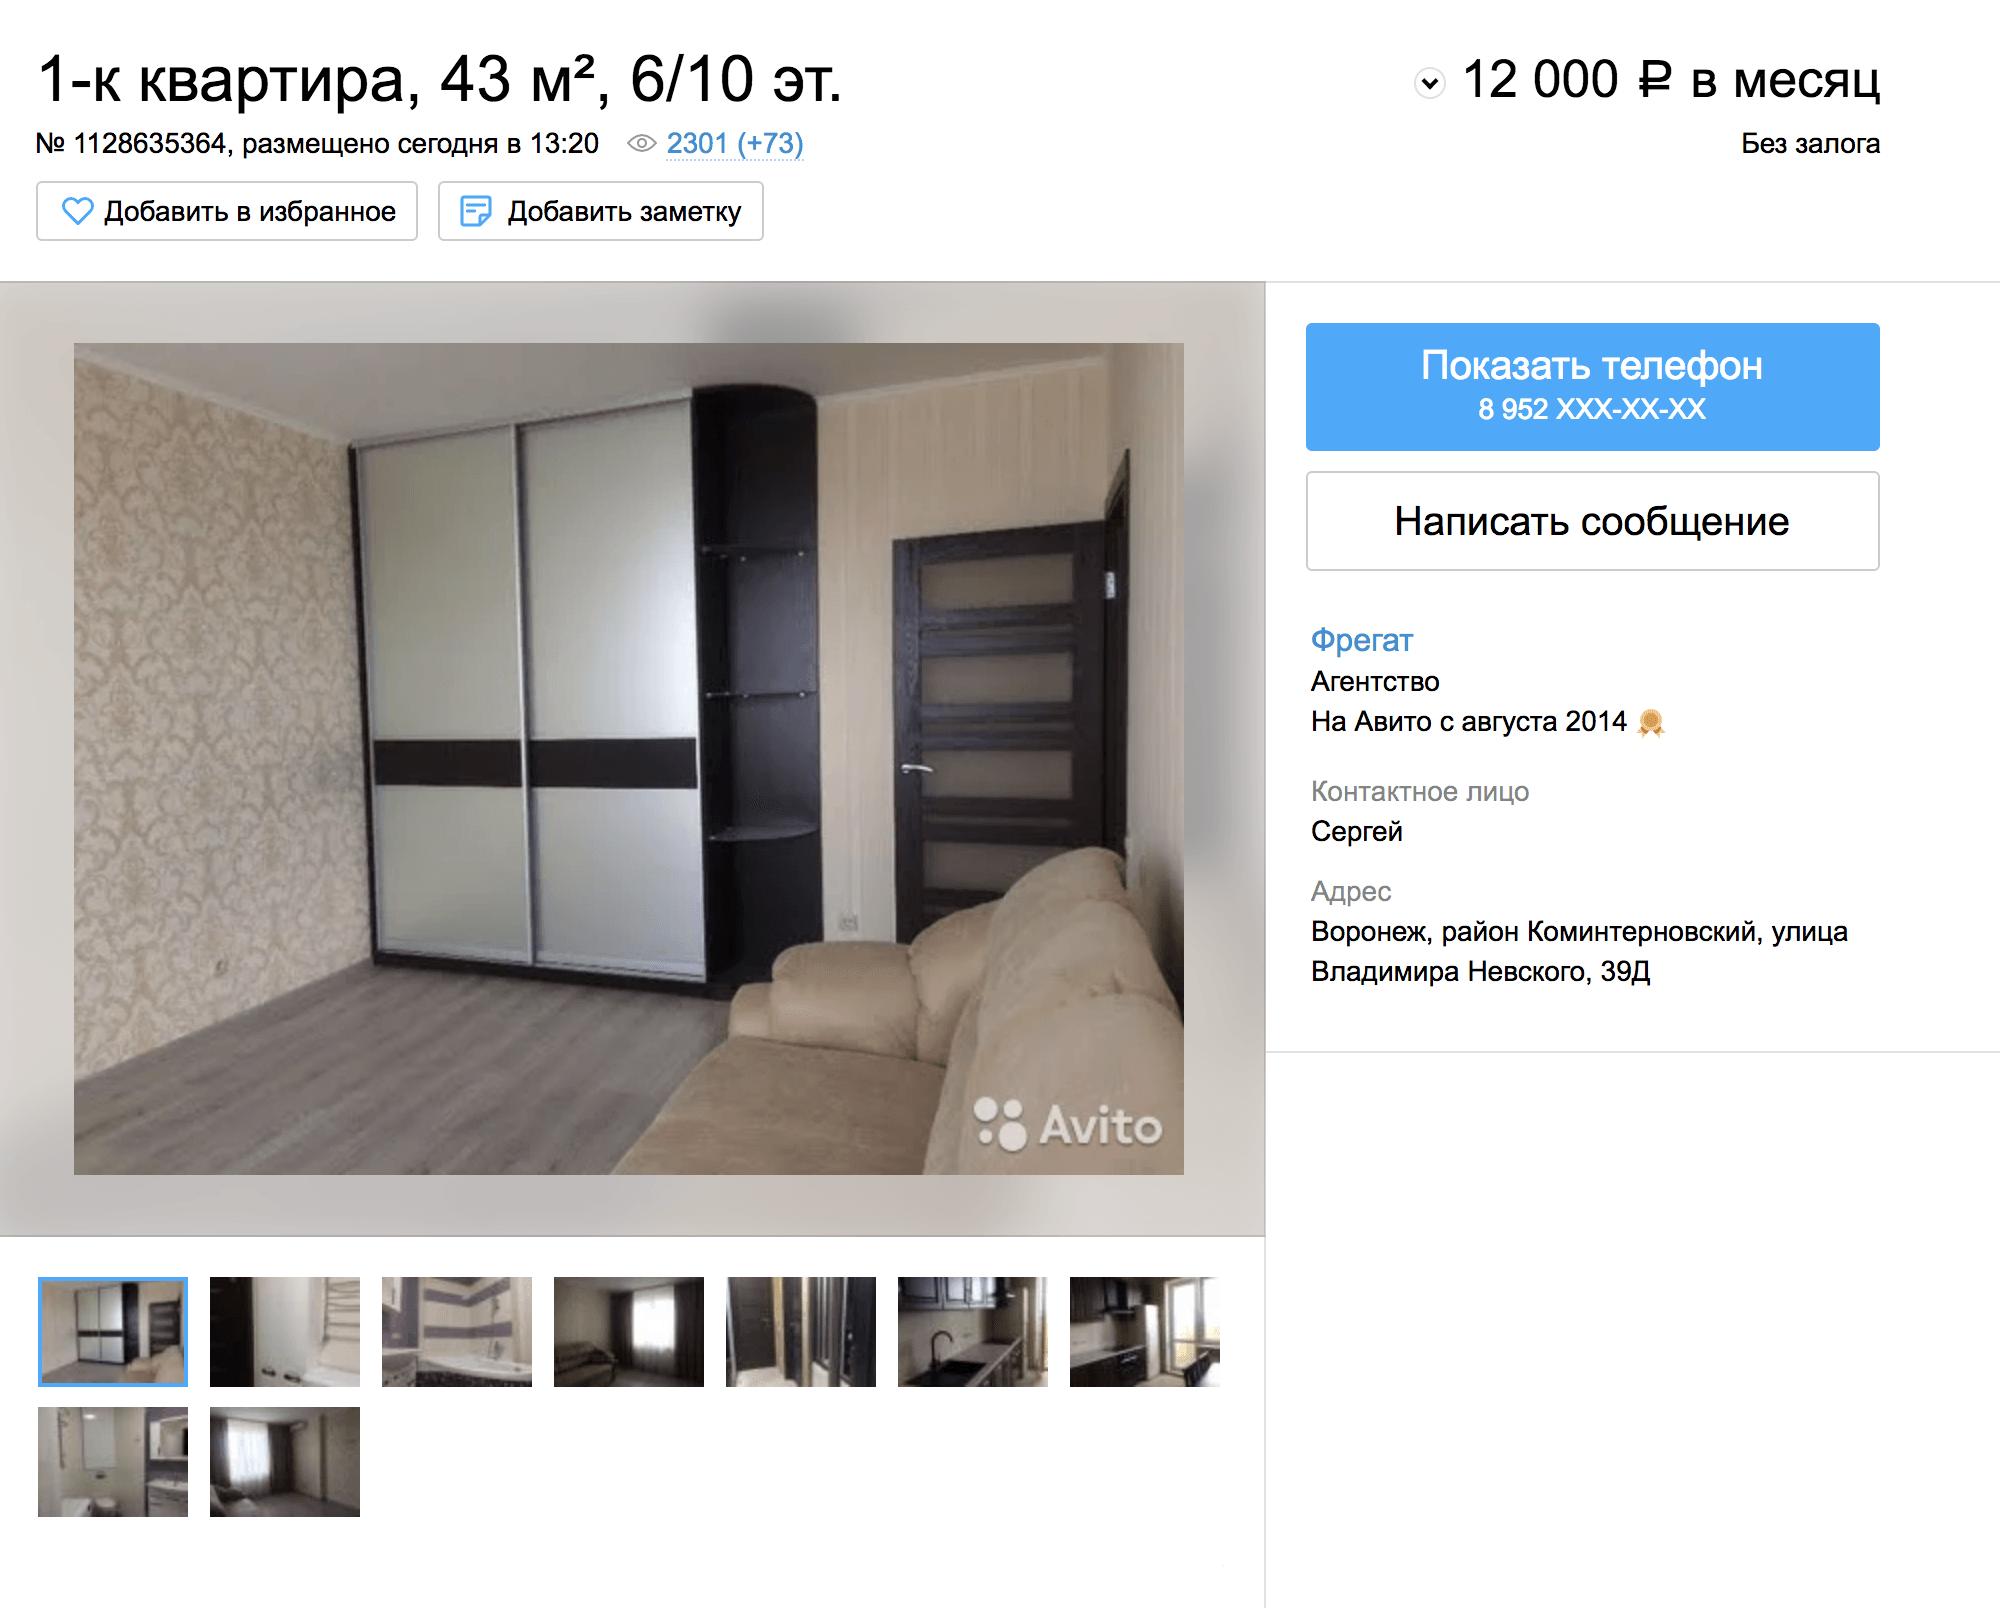 Квартиры все снимают через «Авито». Однушка с более-менее приличным ремонтом стоит до 15 000<span class=ruble>Р</span> в месяц